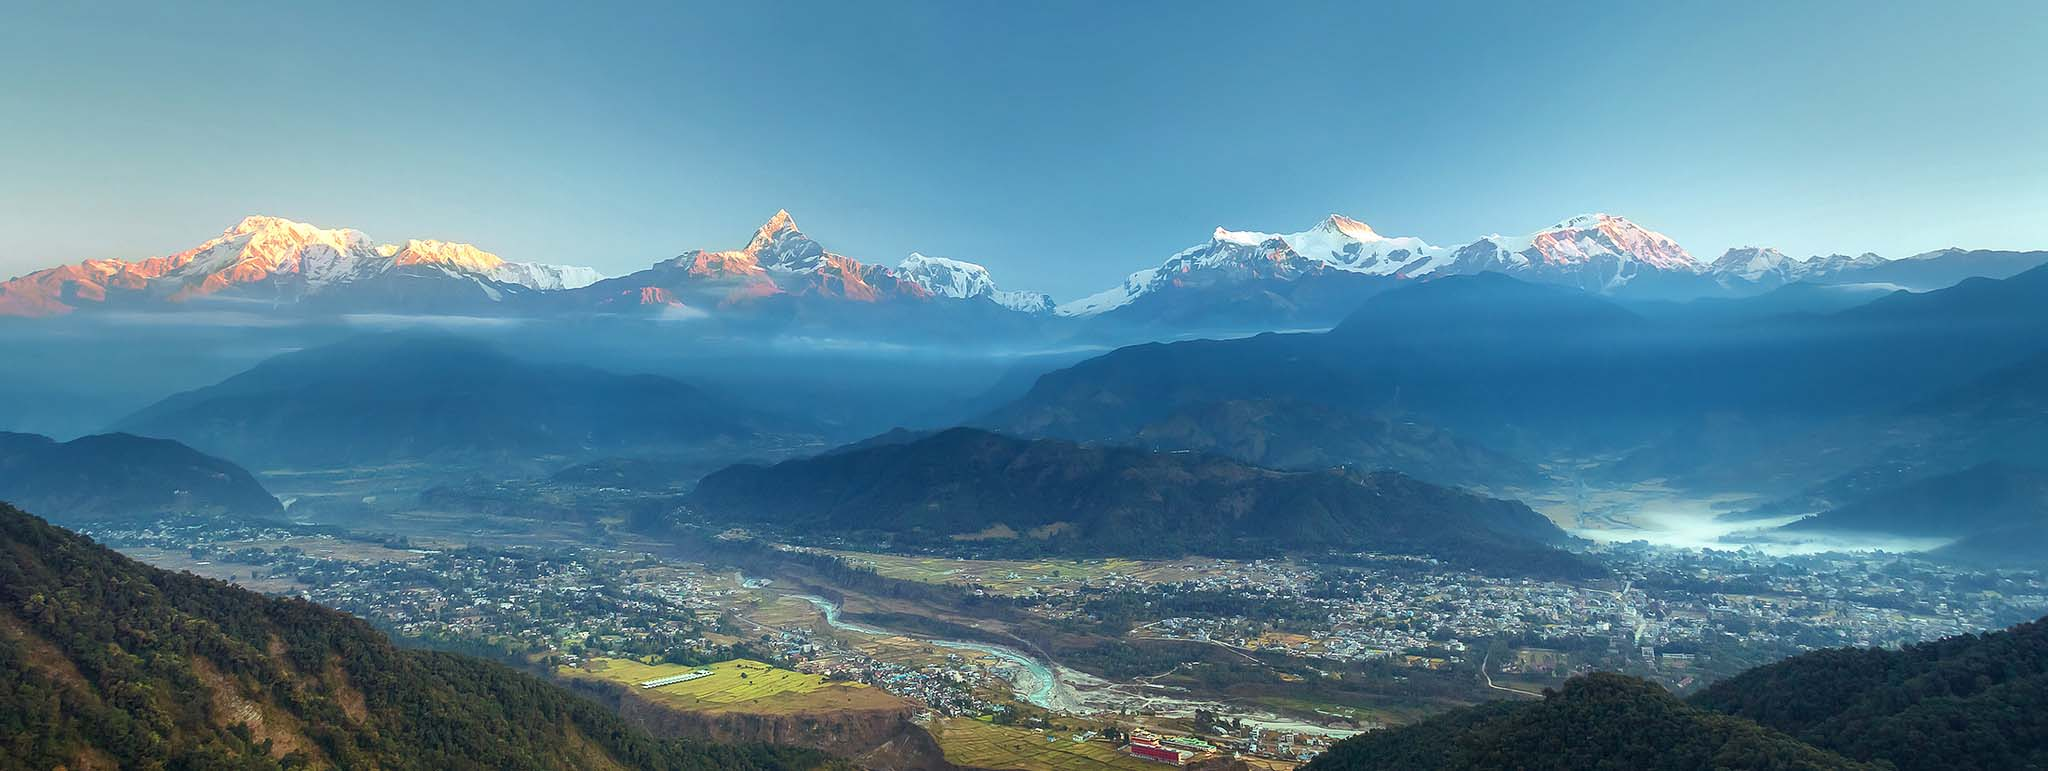 pokhara-valley-city.jpg